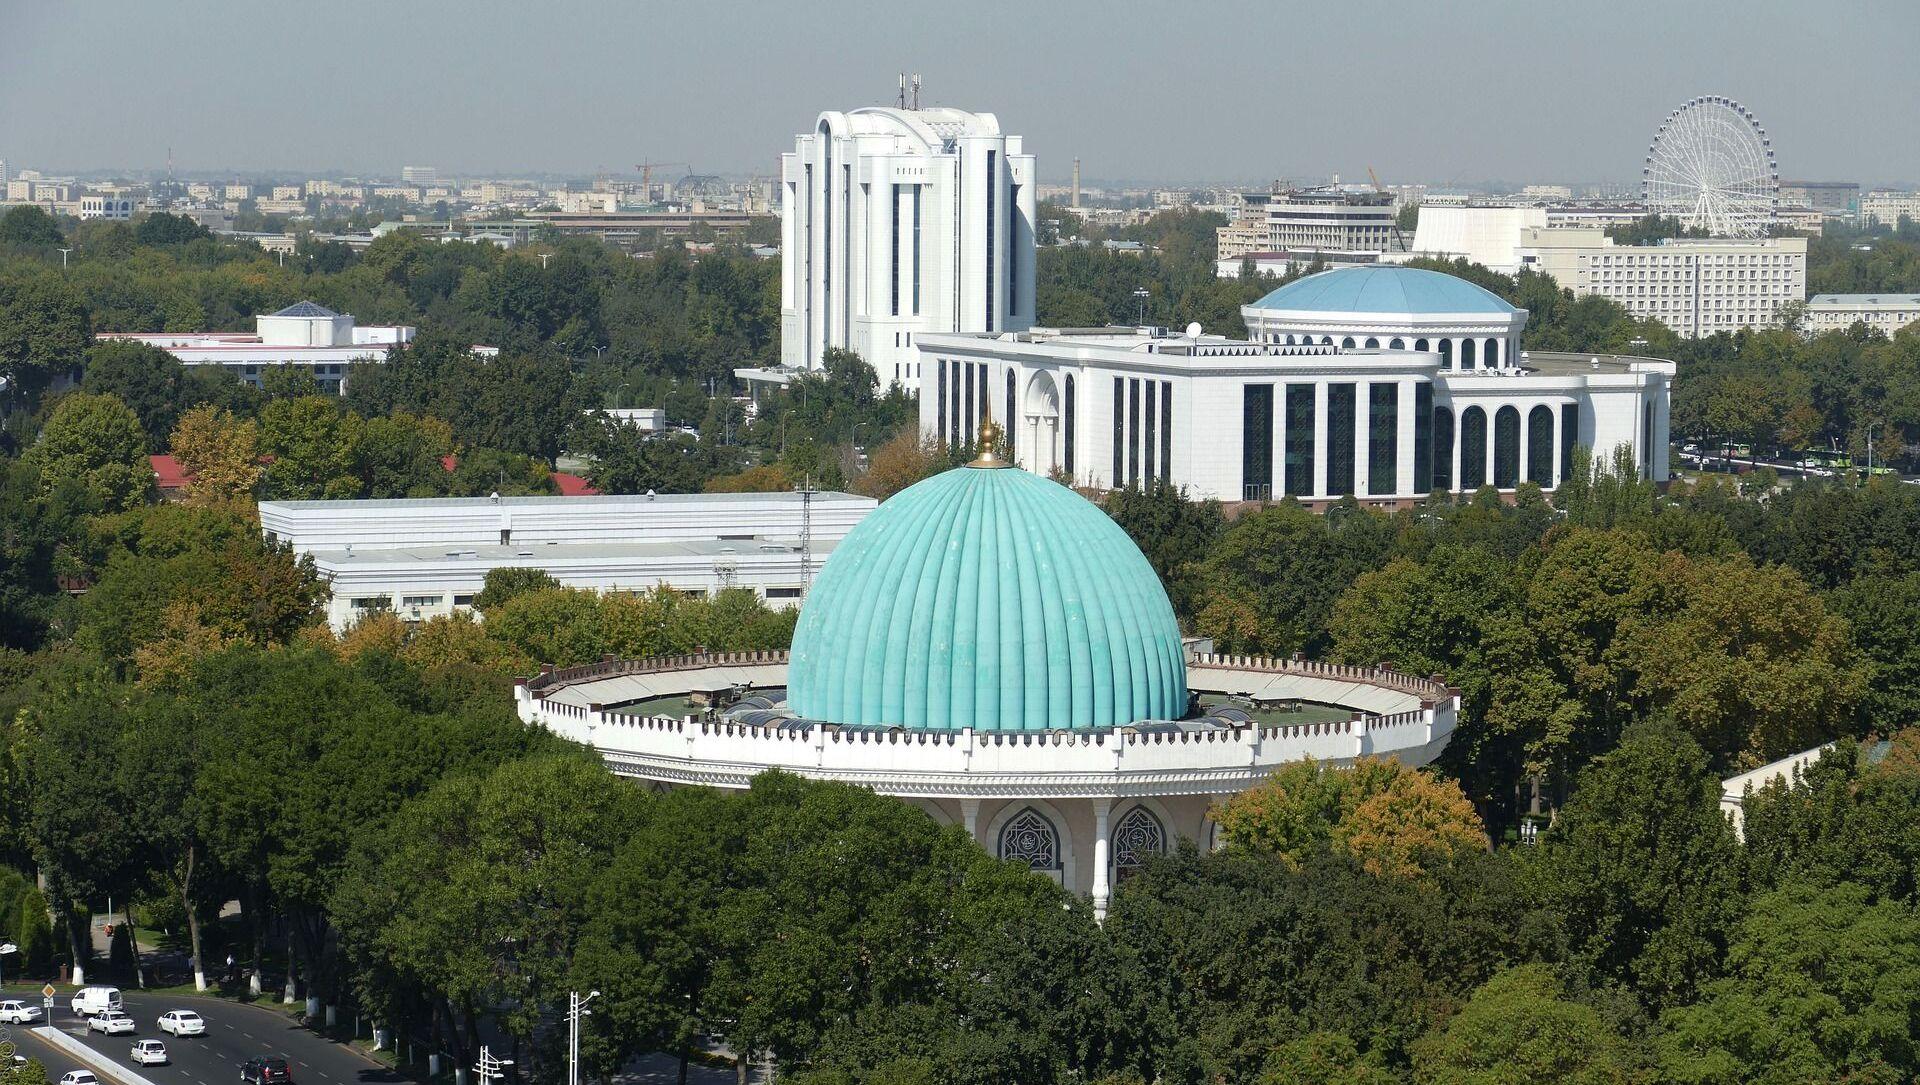 Вид на город Ташкент, фото из архива - Sputnik Azərbaycan, 1920, 22.09.2021